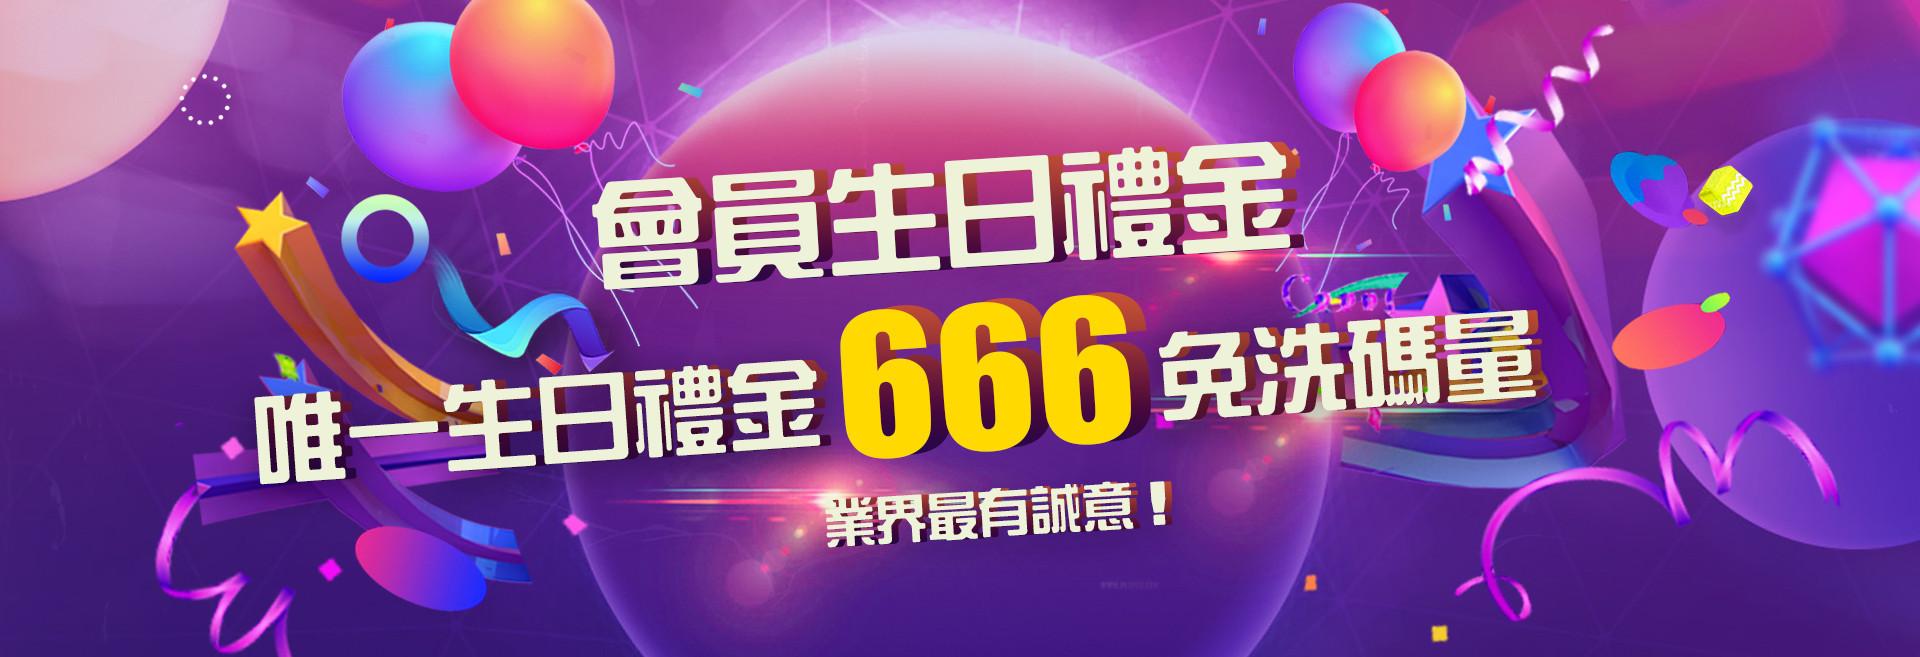 預言王娛樂城-會員生日禮金666免洗碼量